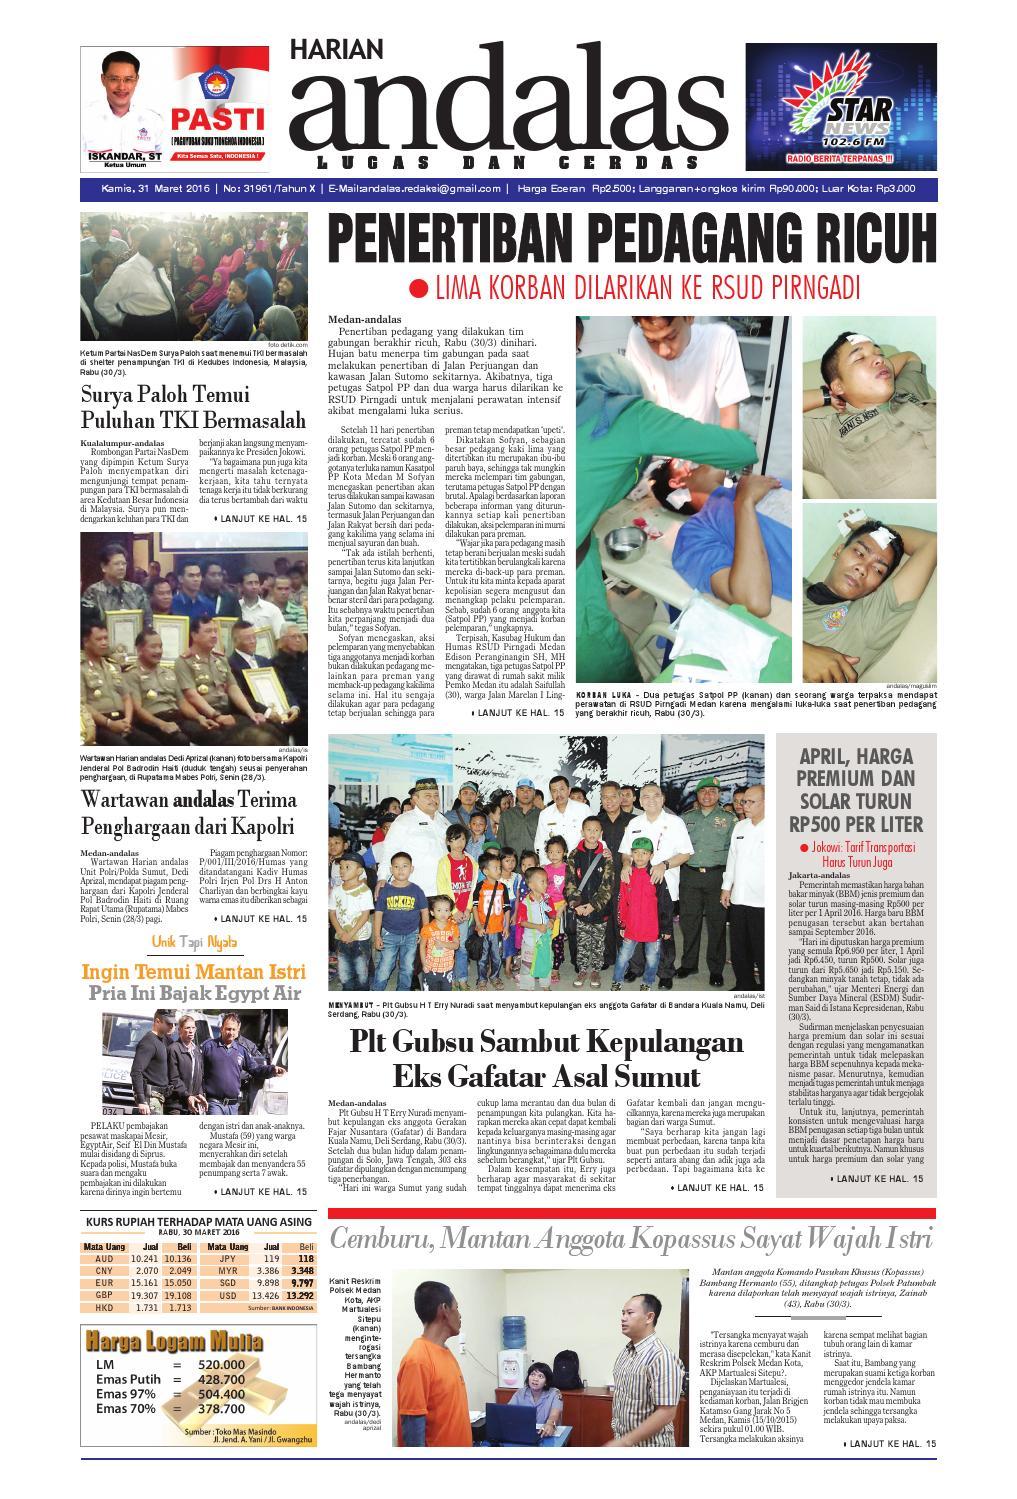 Epaper andalas edisi kamis 31 maret 2016 by media andalas - issuu 4baa2dc650